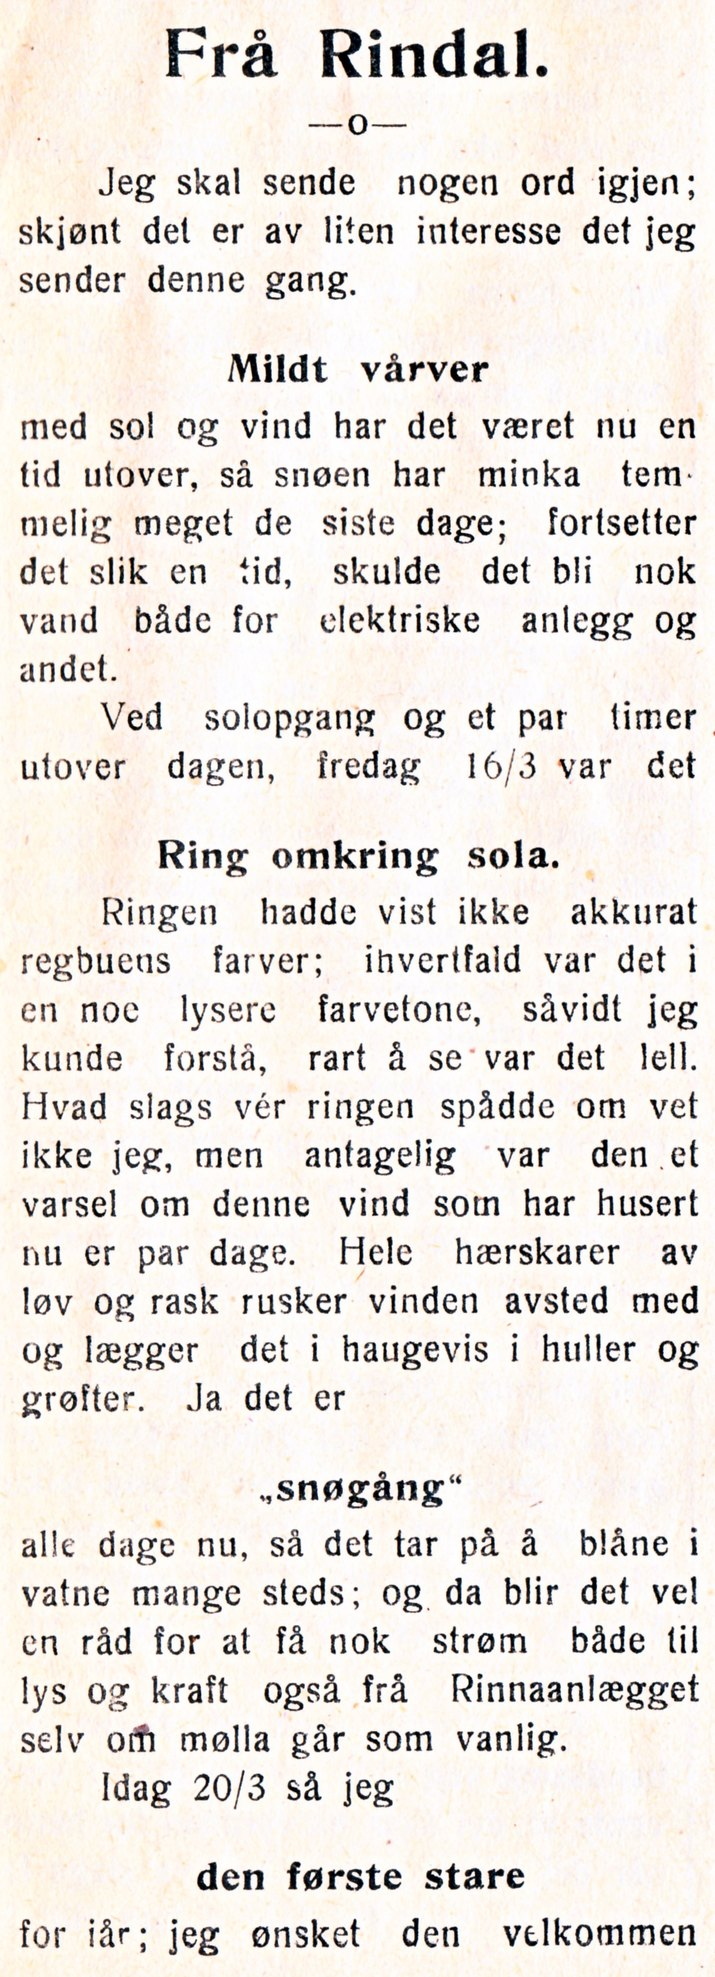 Frå Rindal 1_715x1977.jpg